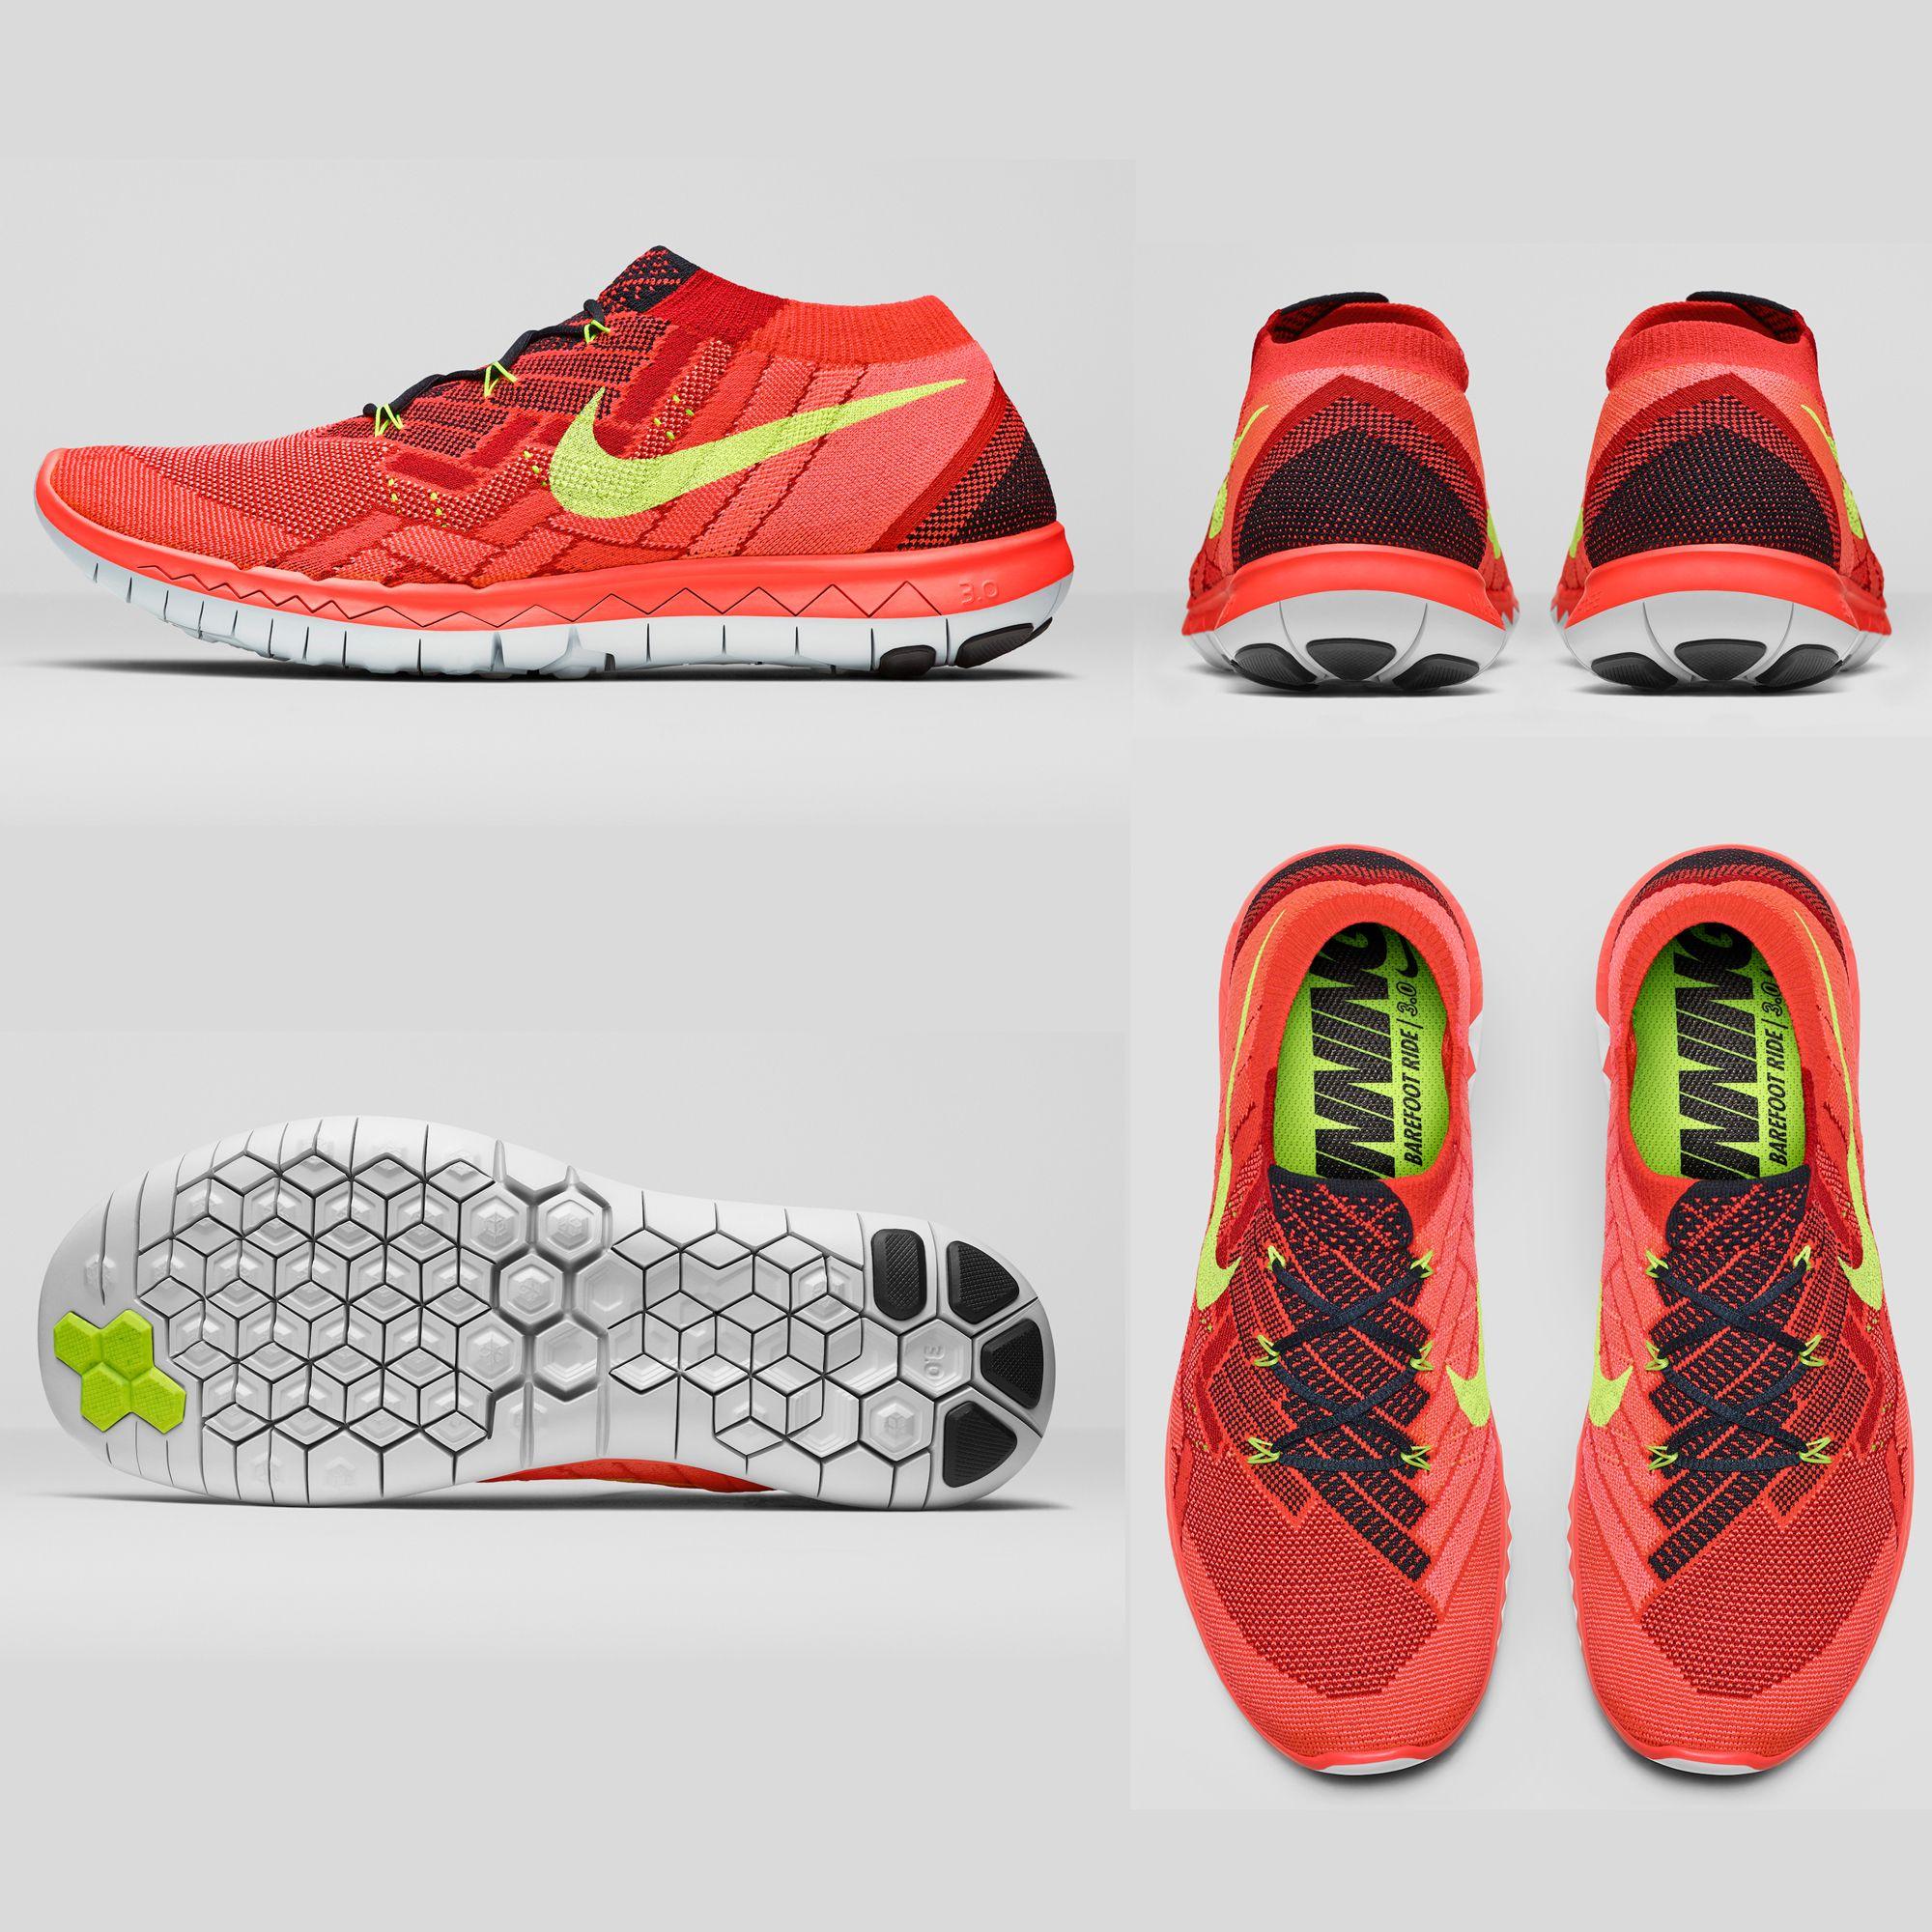 Nike Free 5.0 Herren Laufschuhe Modell 2015